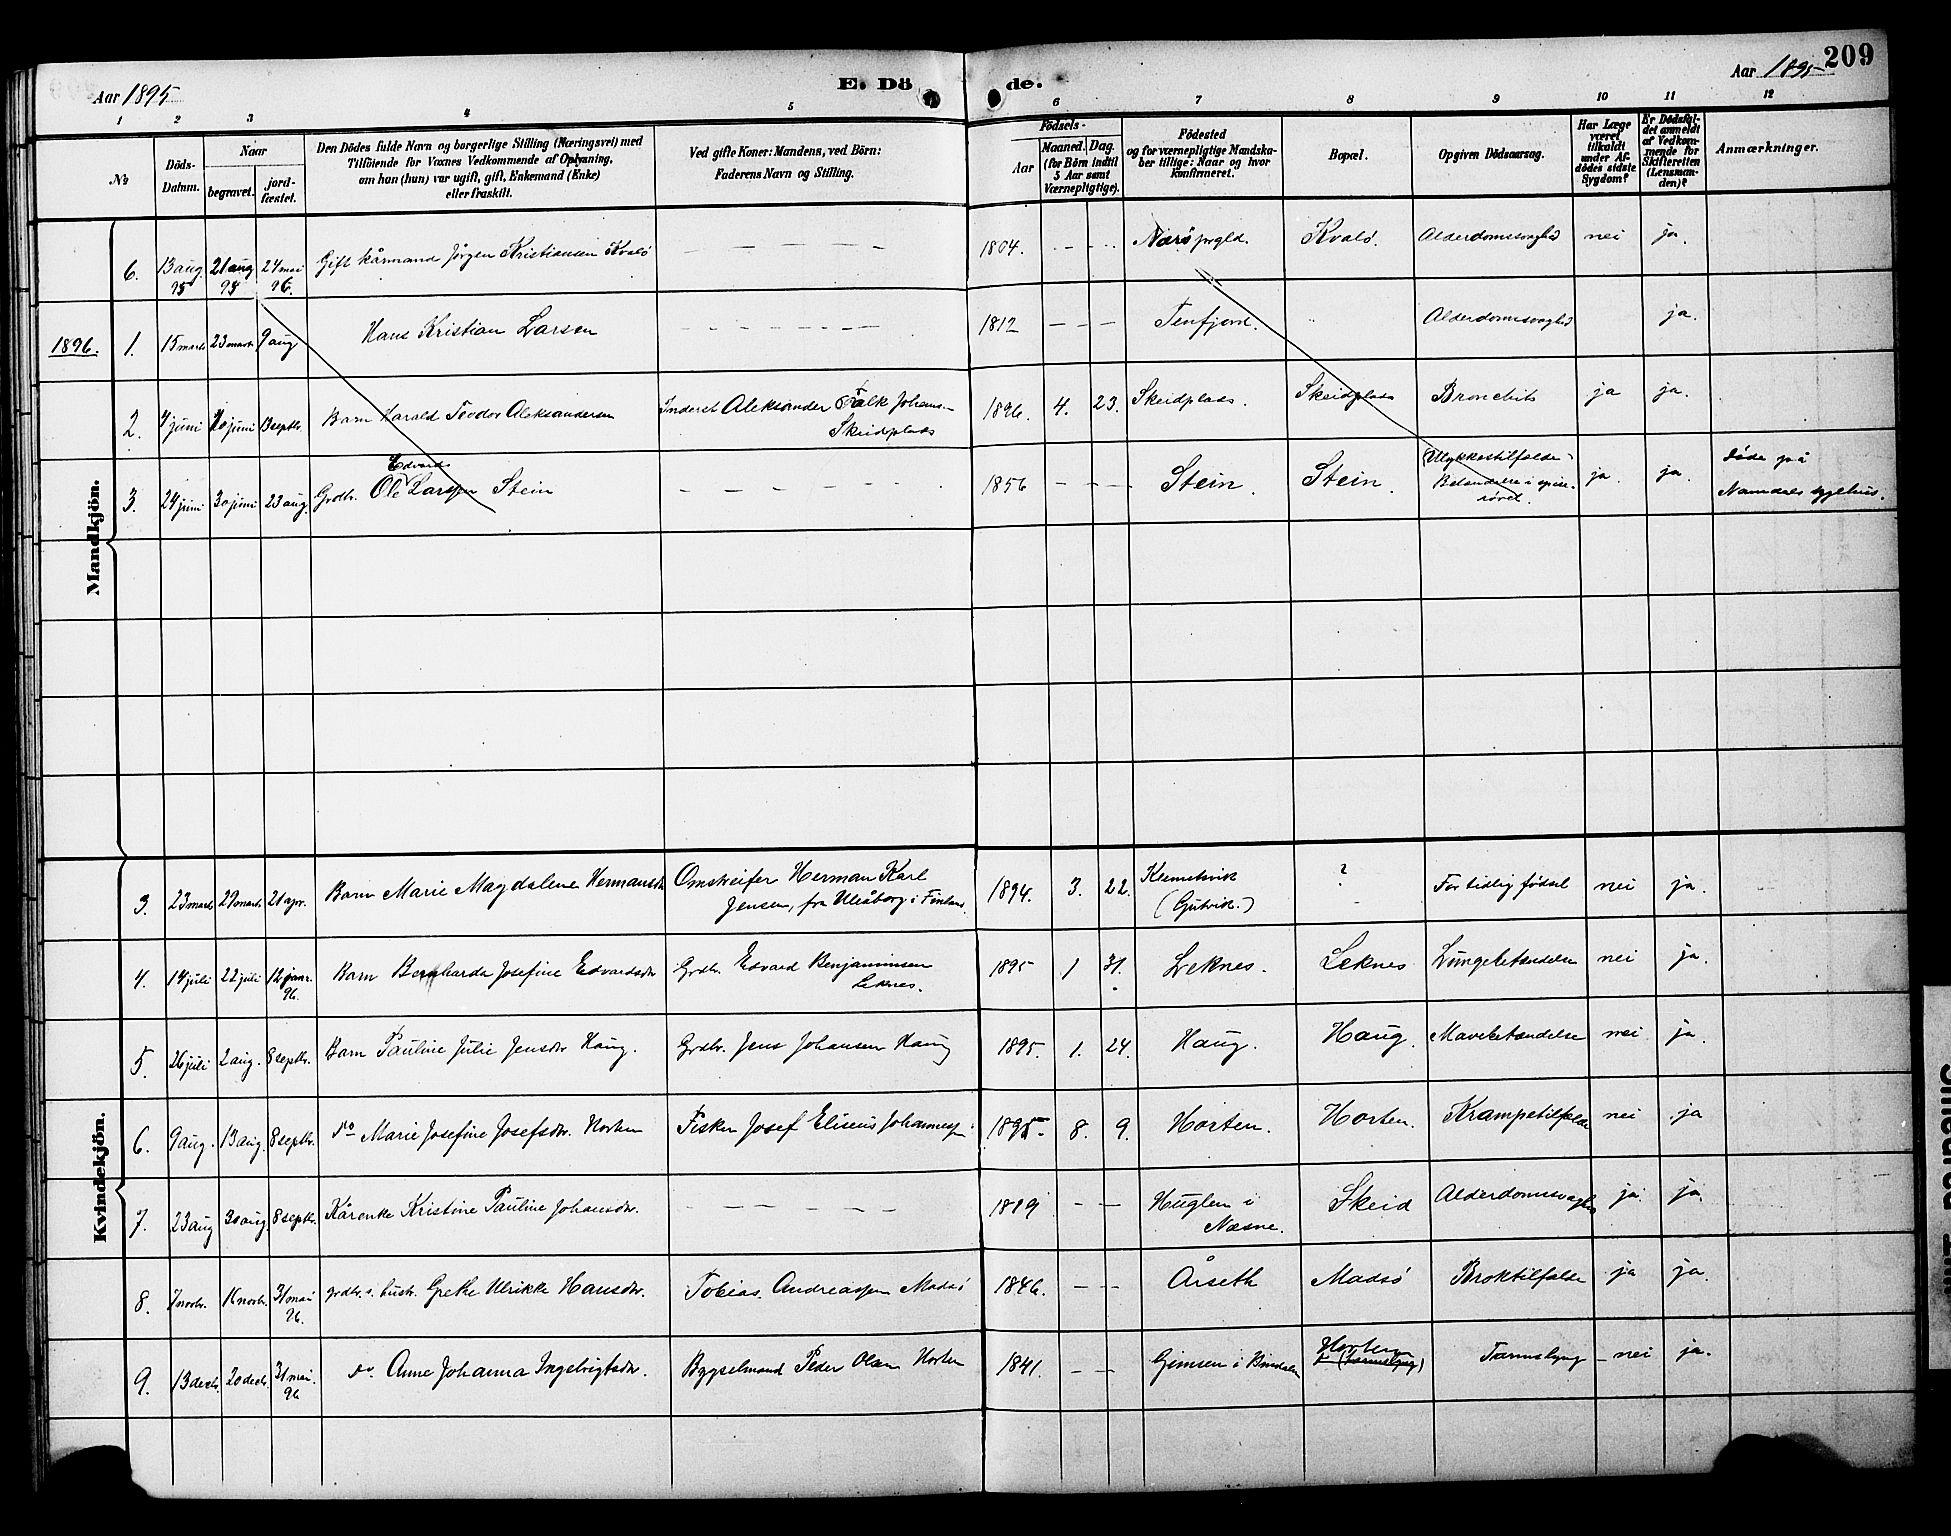 SAT, Ministerialprotokoller, klokkerbøker og fødselsregistre - Nord-Trøndelag, 788/L0701: Klokkerbok nr. 788C01, 1888-1913, s. 209